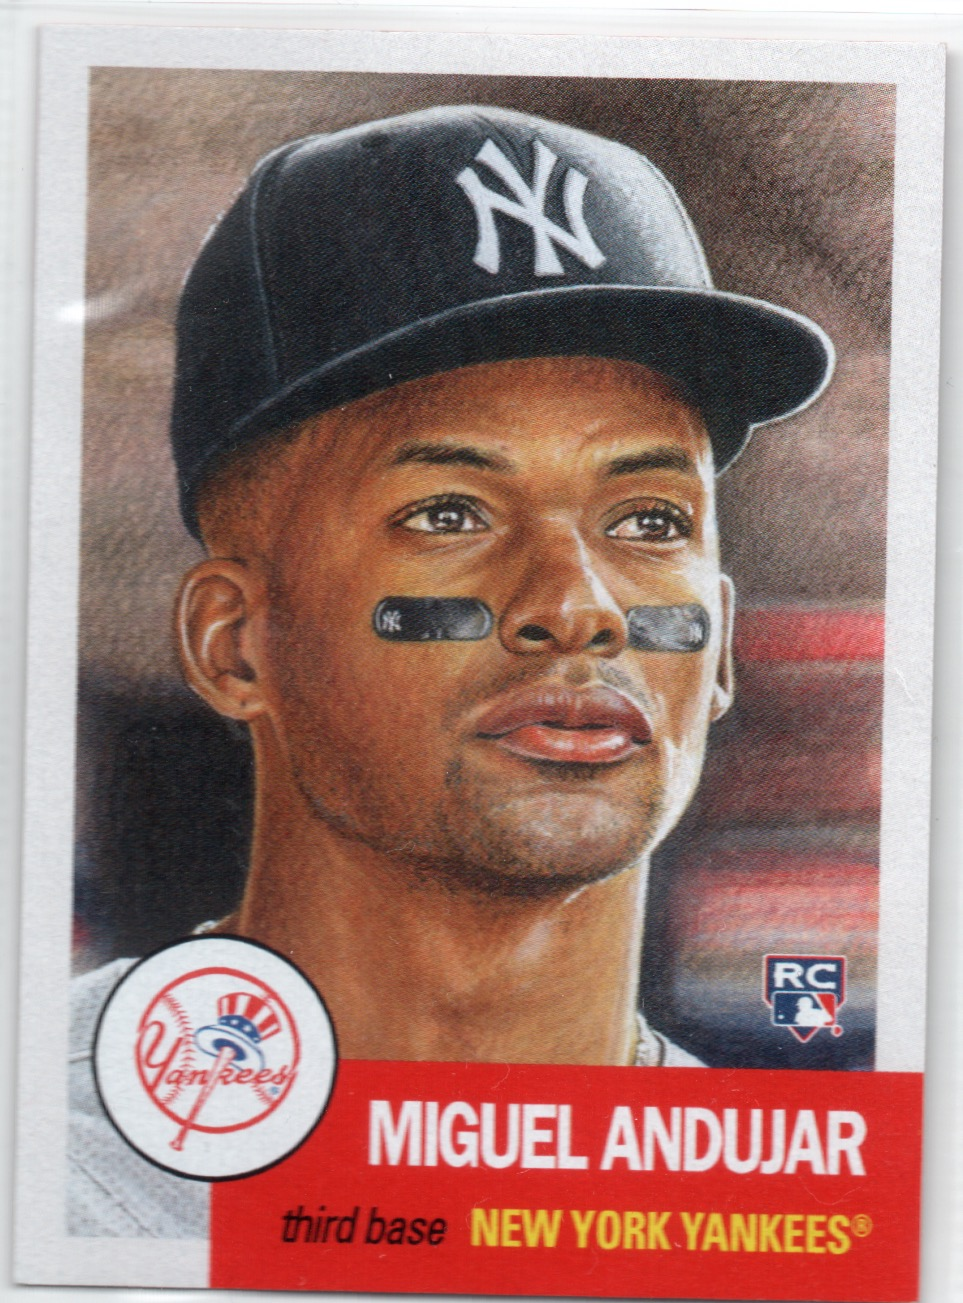 49. Miguel Andujar (12,794) -